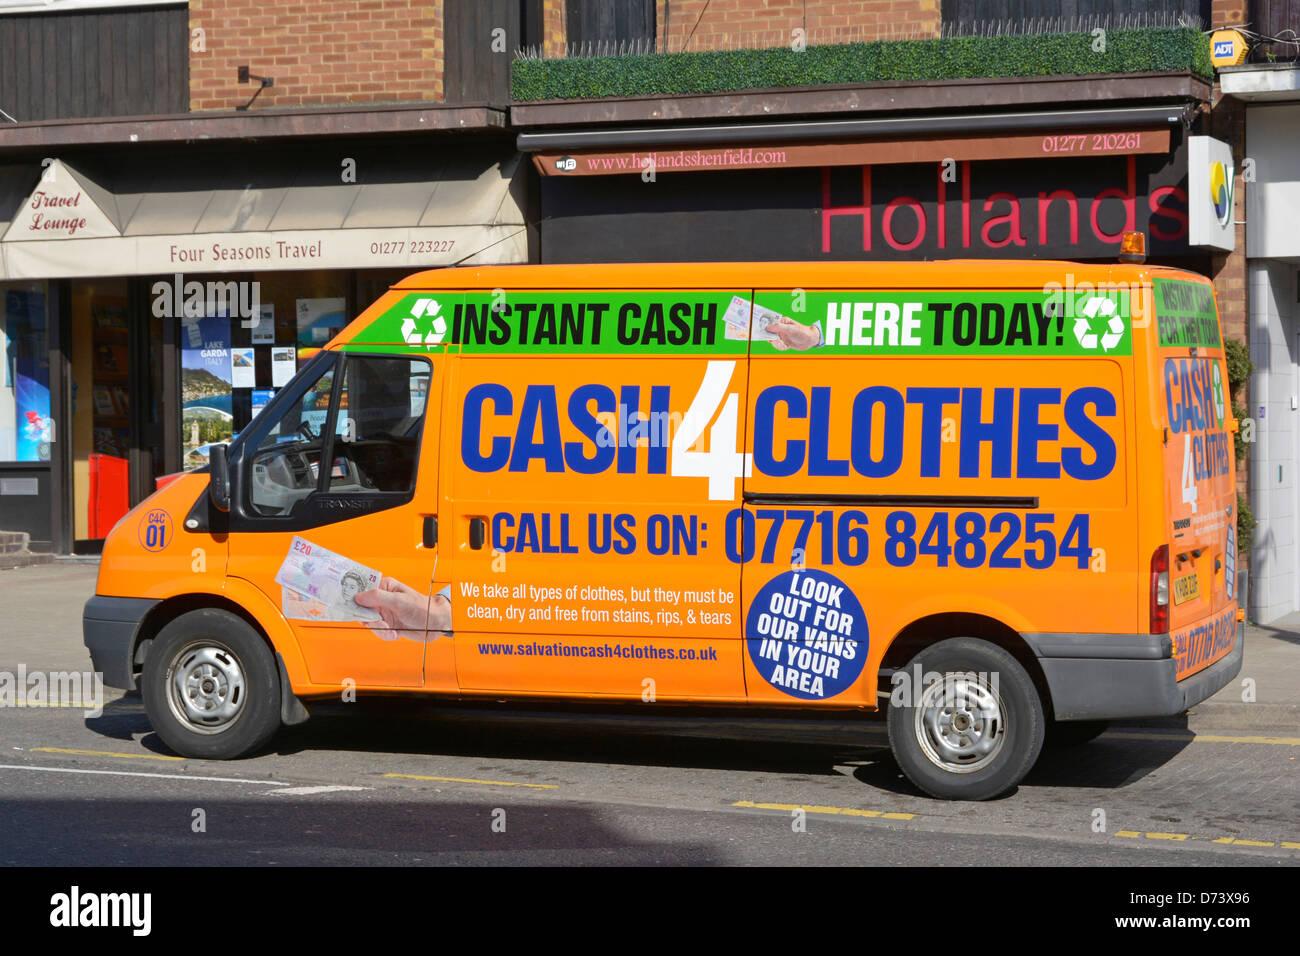 b118e17c12 Cash 4 Clothes Stock Photos   Cash 4 Clothes Stock Images - Alamy